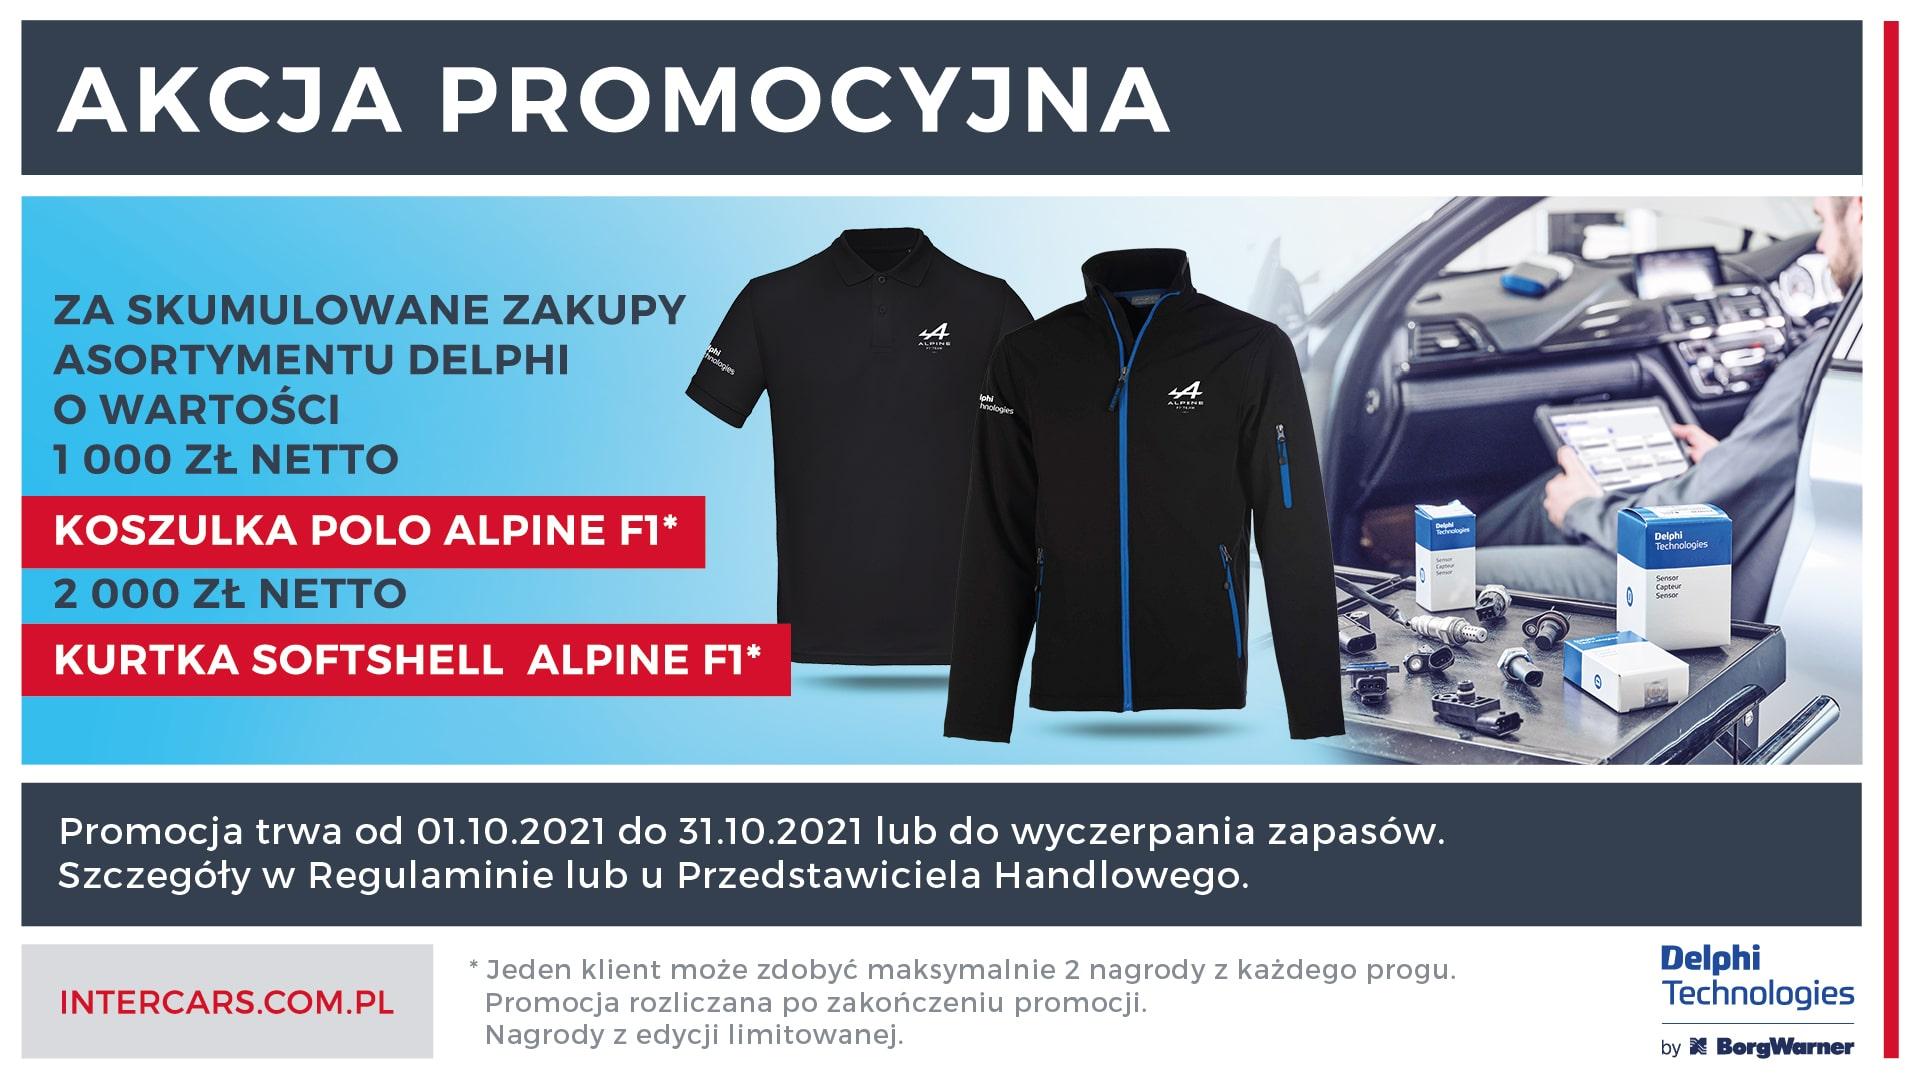 promocja_delphi_za_zakup_asortymentu_koszulka_kurtka_alphine_1920x1080-minnew.jpg